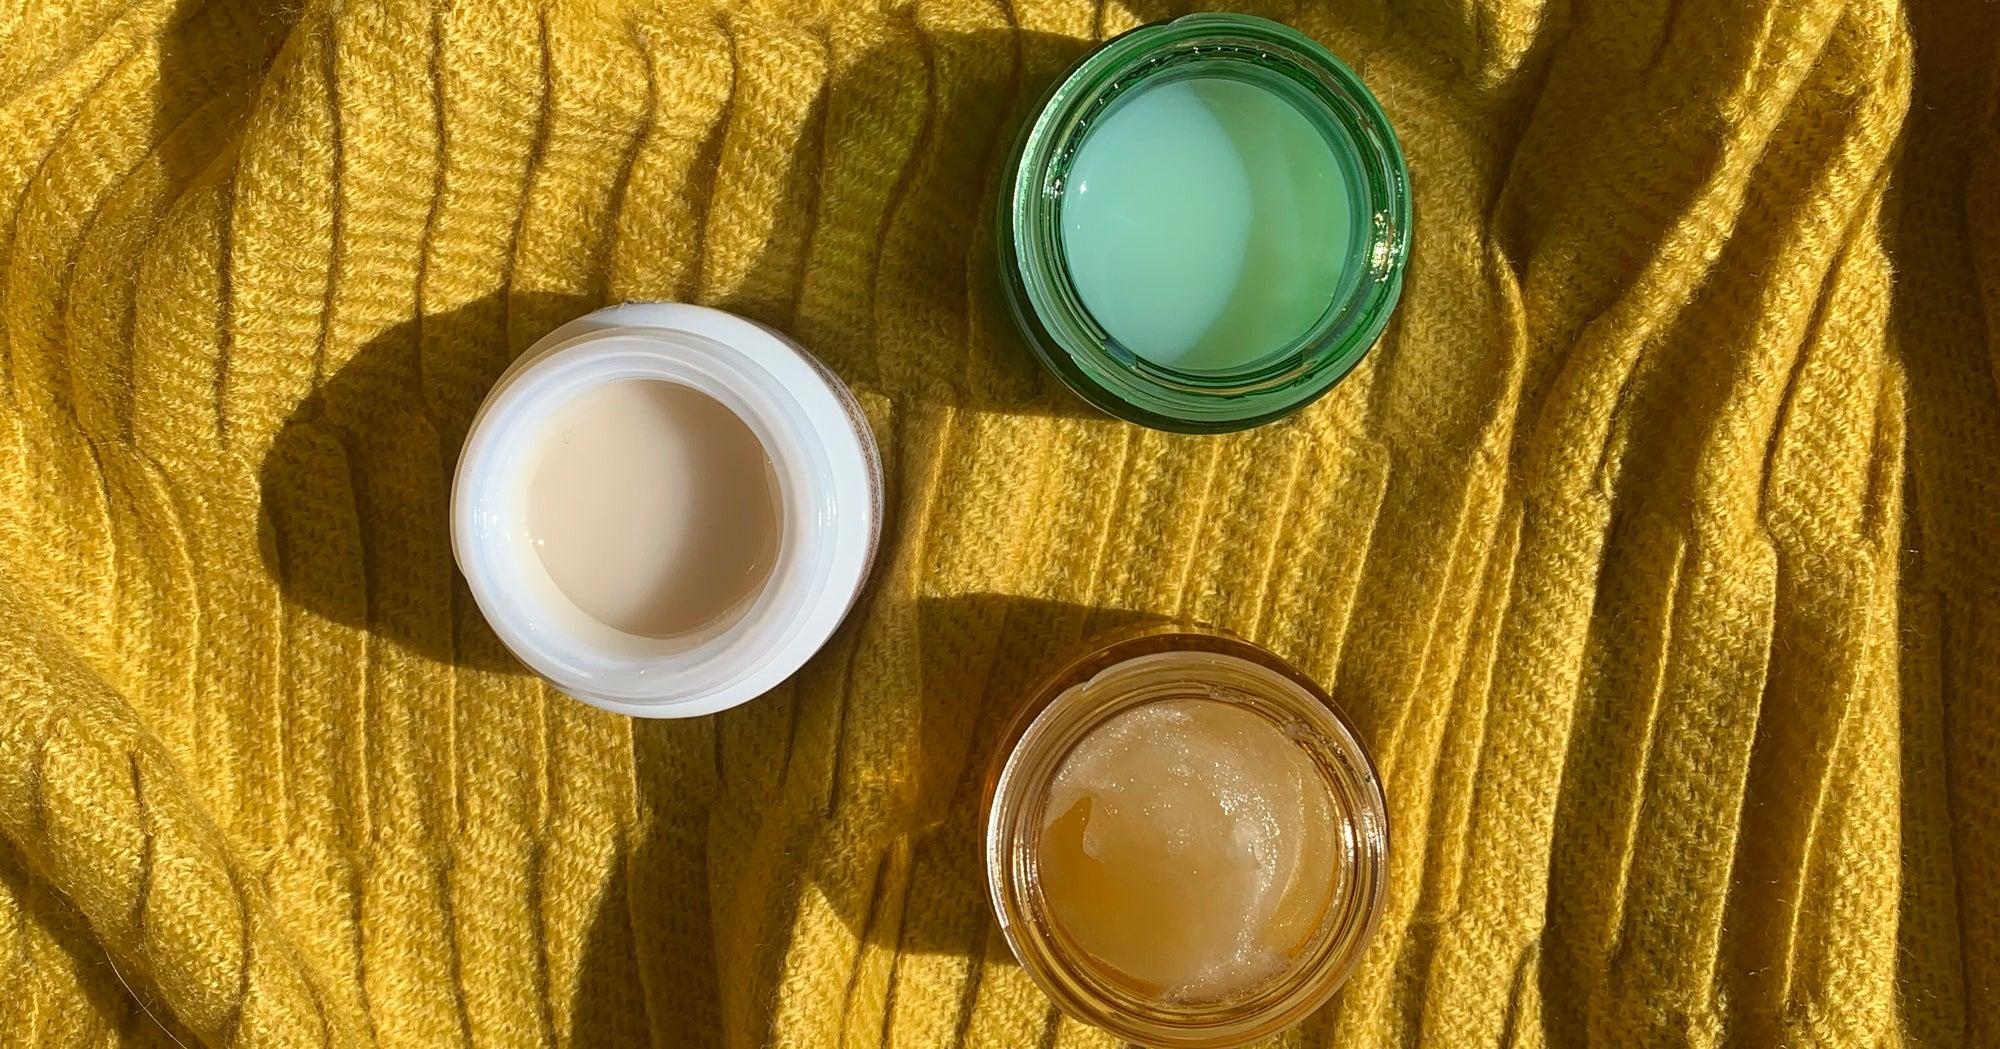 Gelée pour les yeux : une meilleure alternative aux crèmes selon TikTok